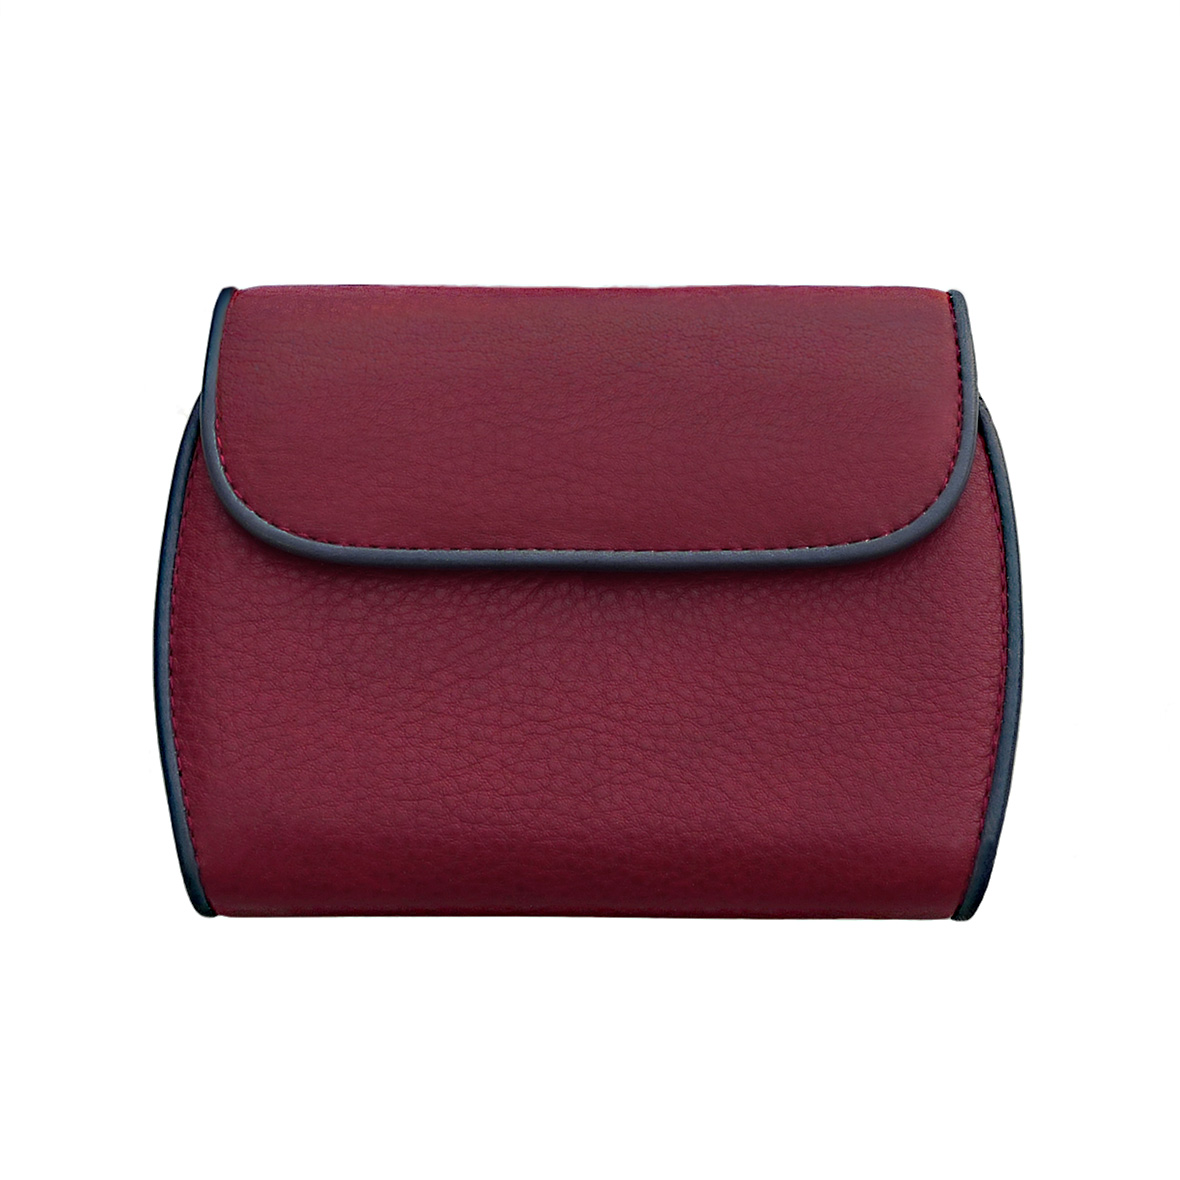 Portemonnaie CLAM 172